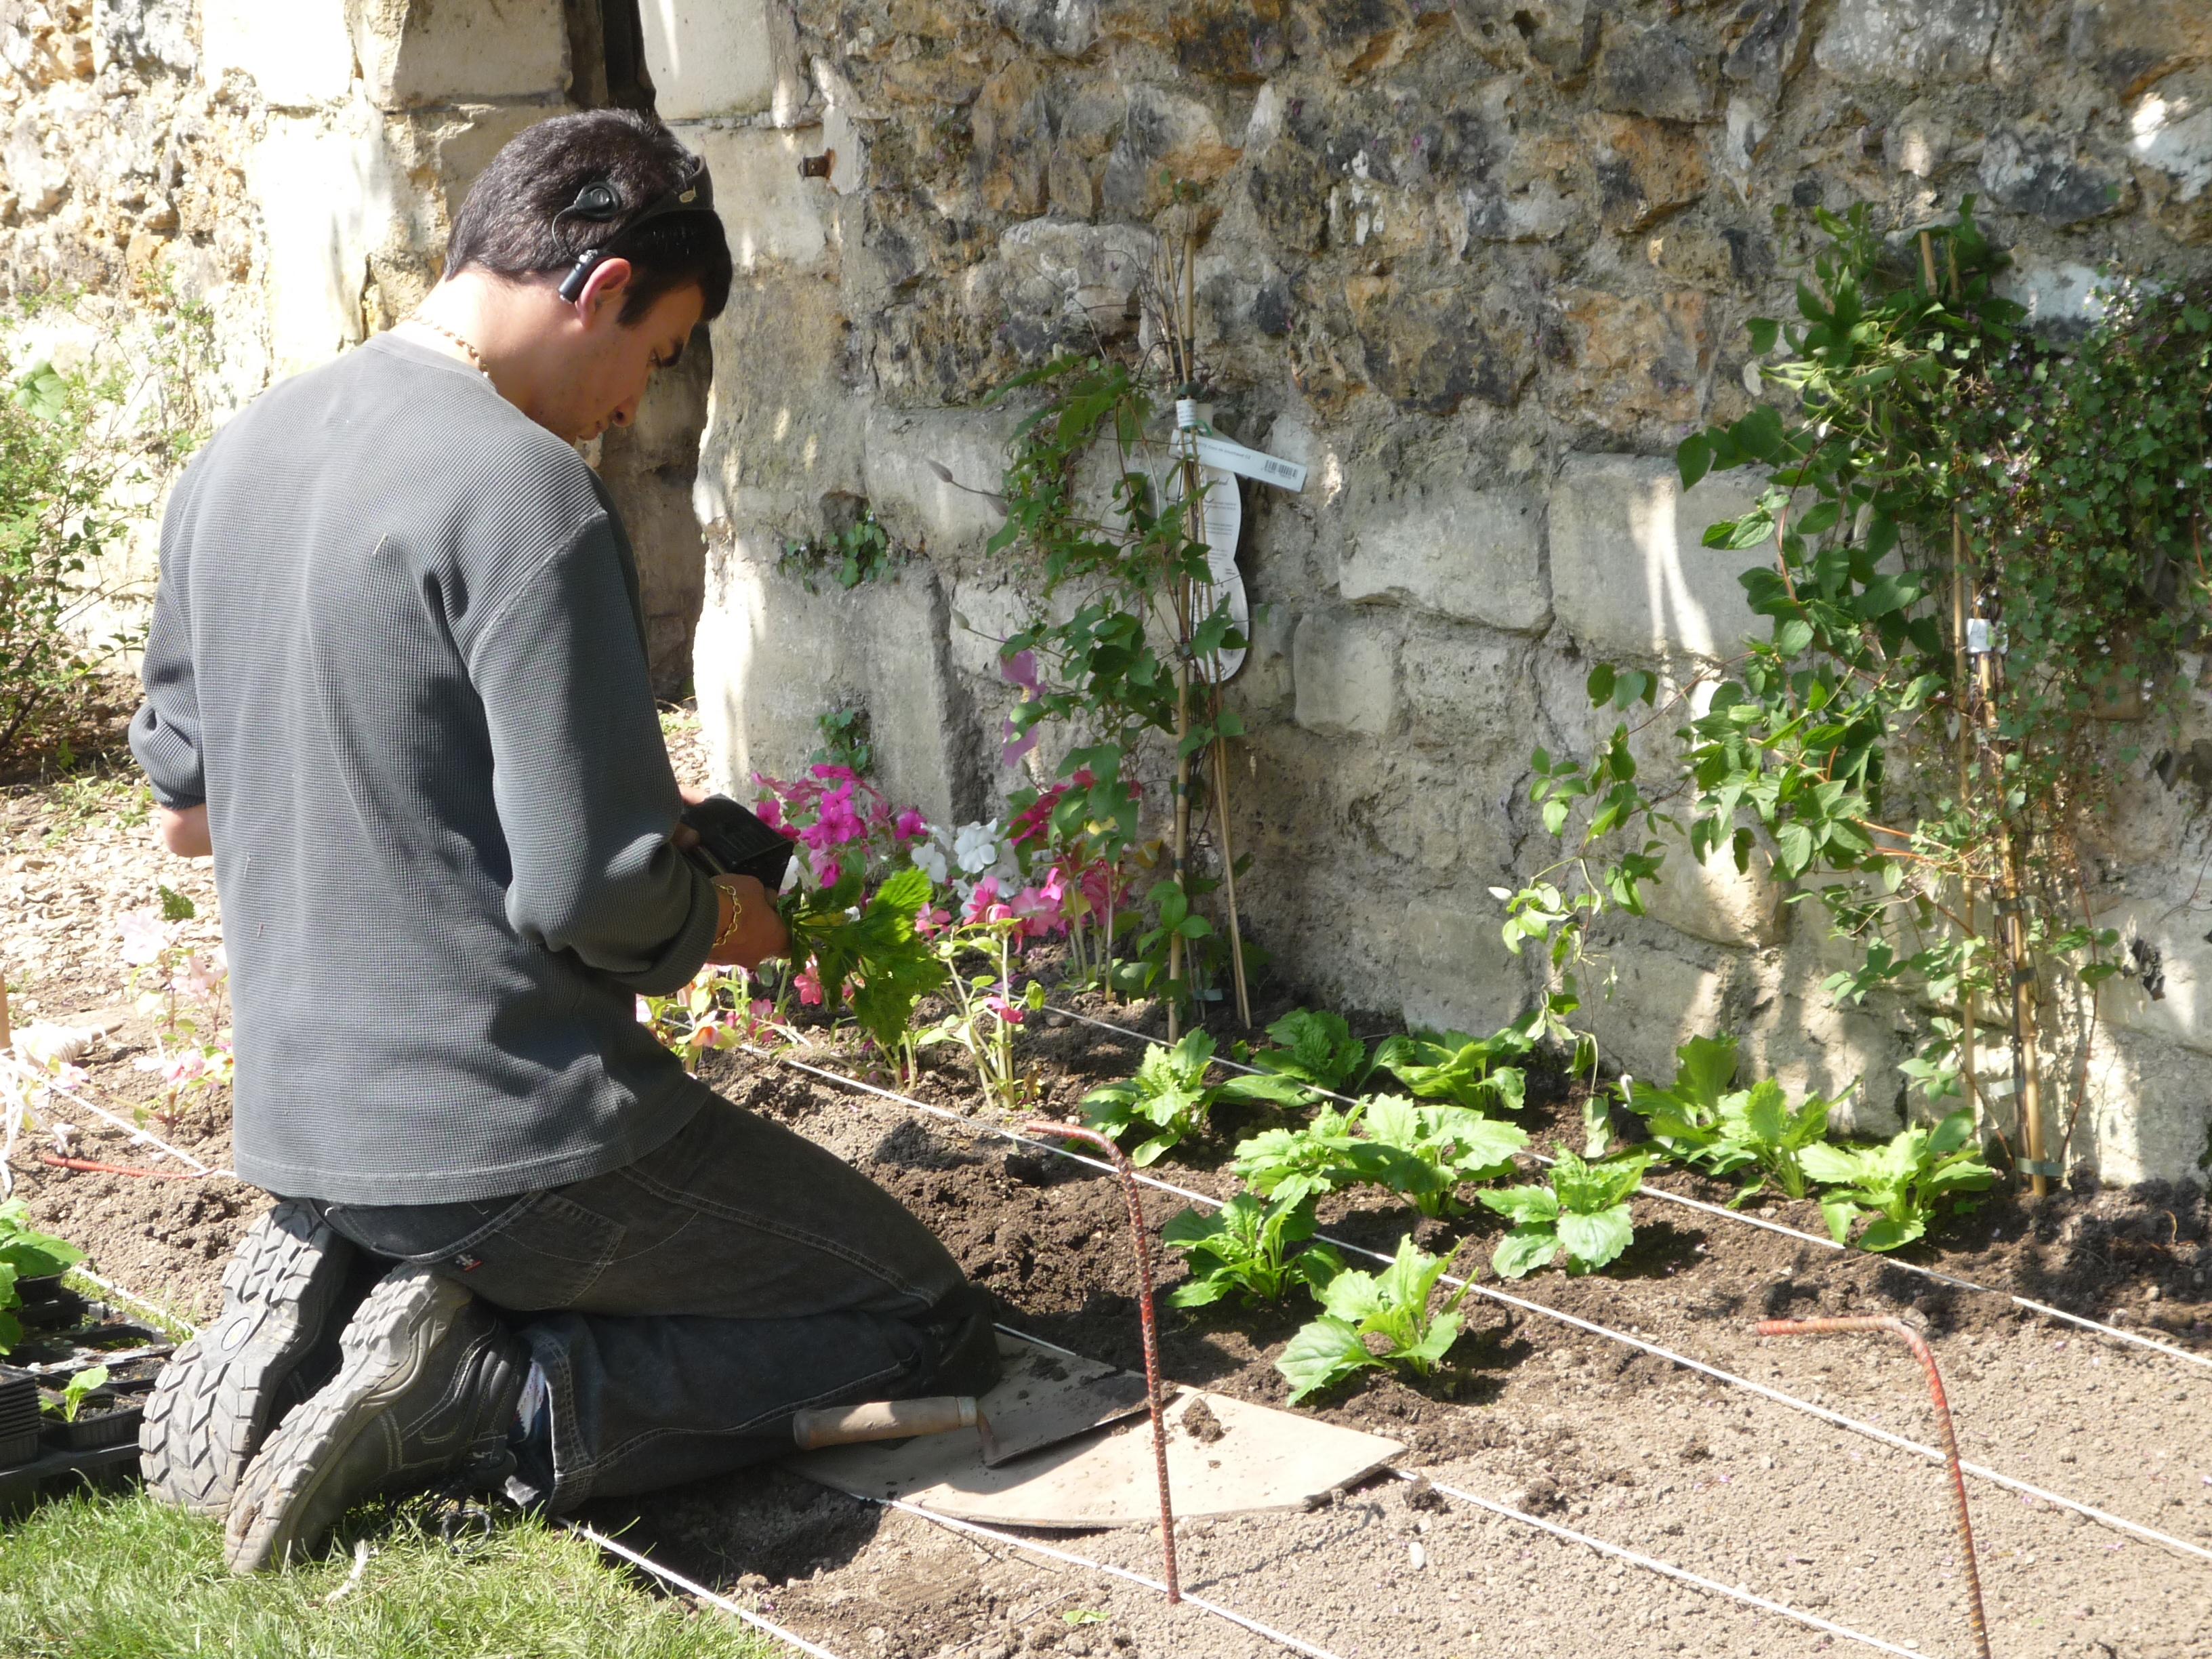 L gant formation jardinier paysagiste id es de salon de for Site de paysagiste